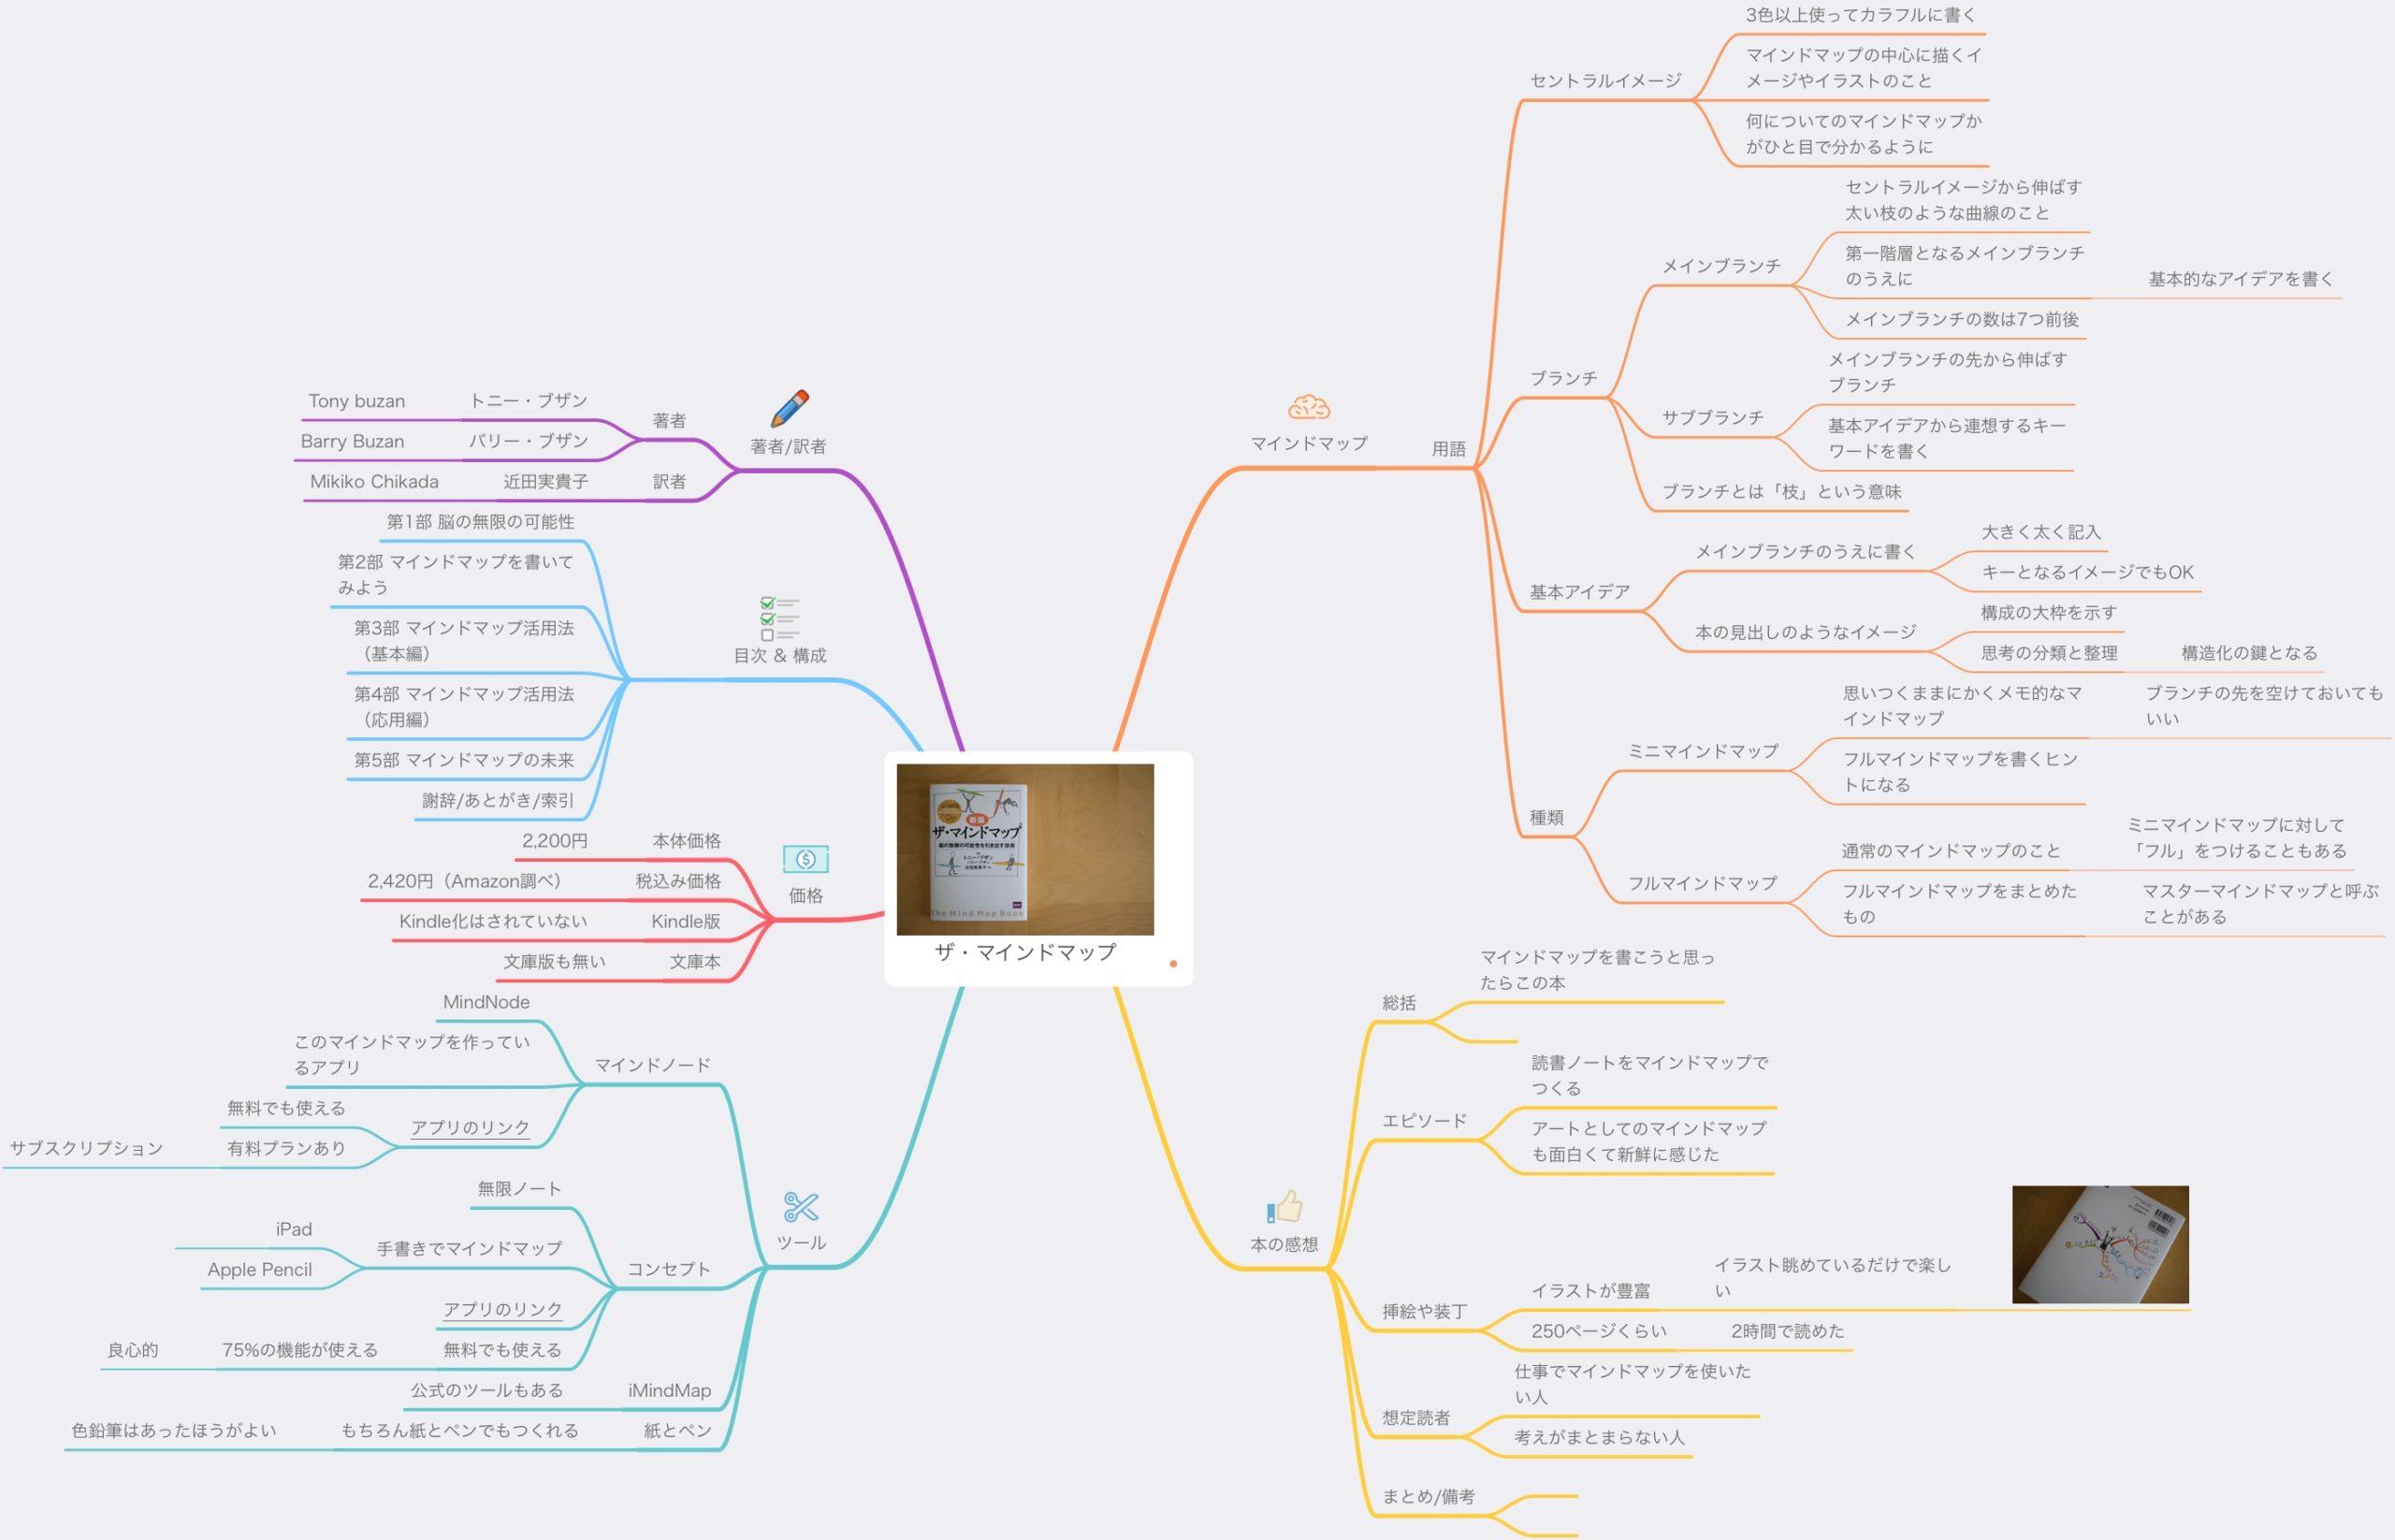 最近作ったマインドマップ,その2.